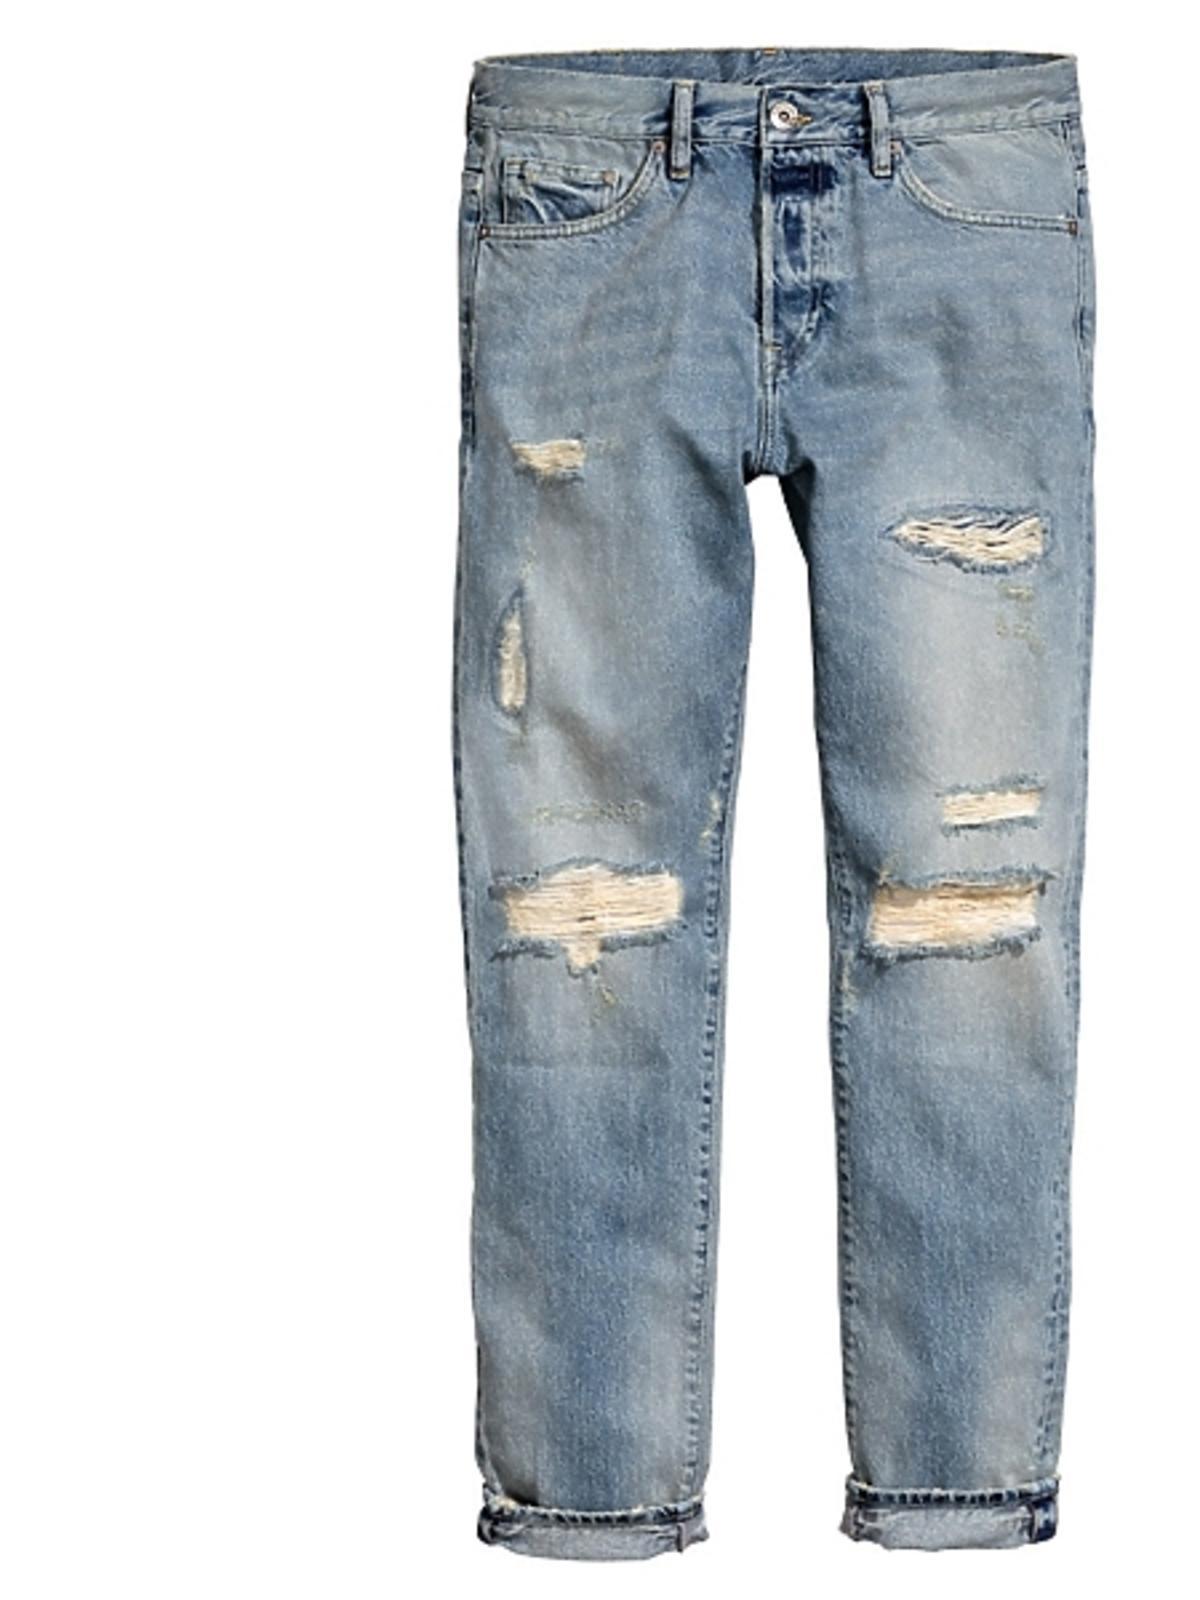 Dżinsowe spodnie H&M, cena